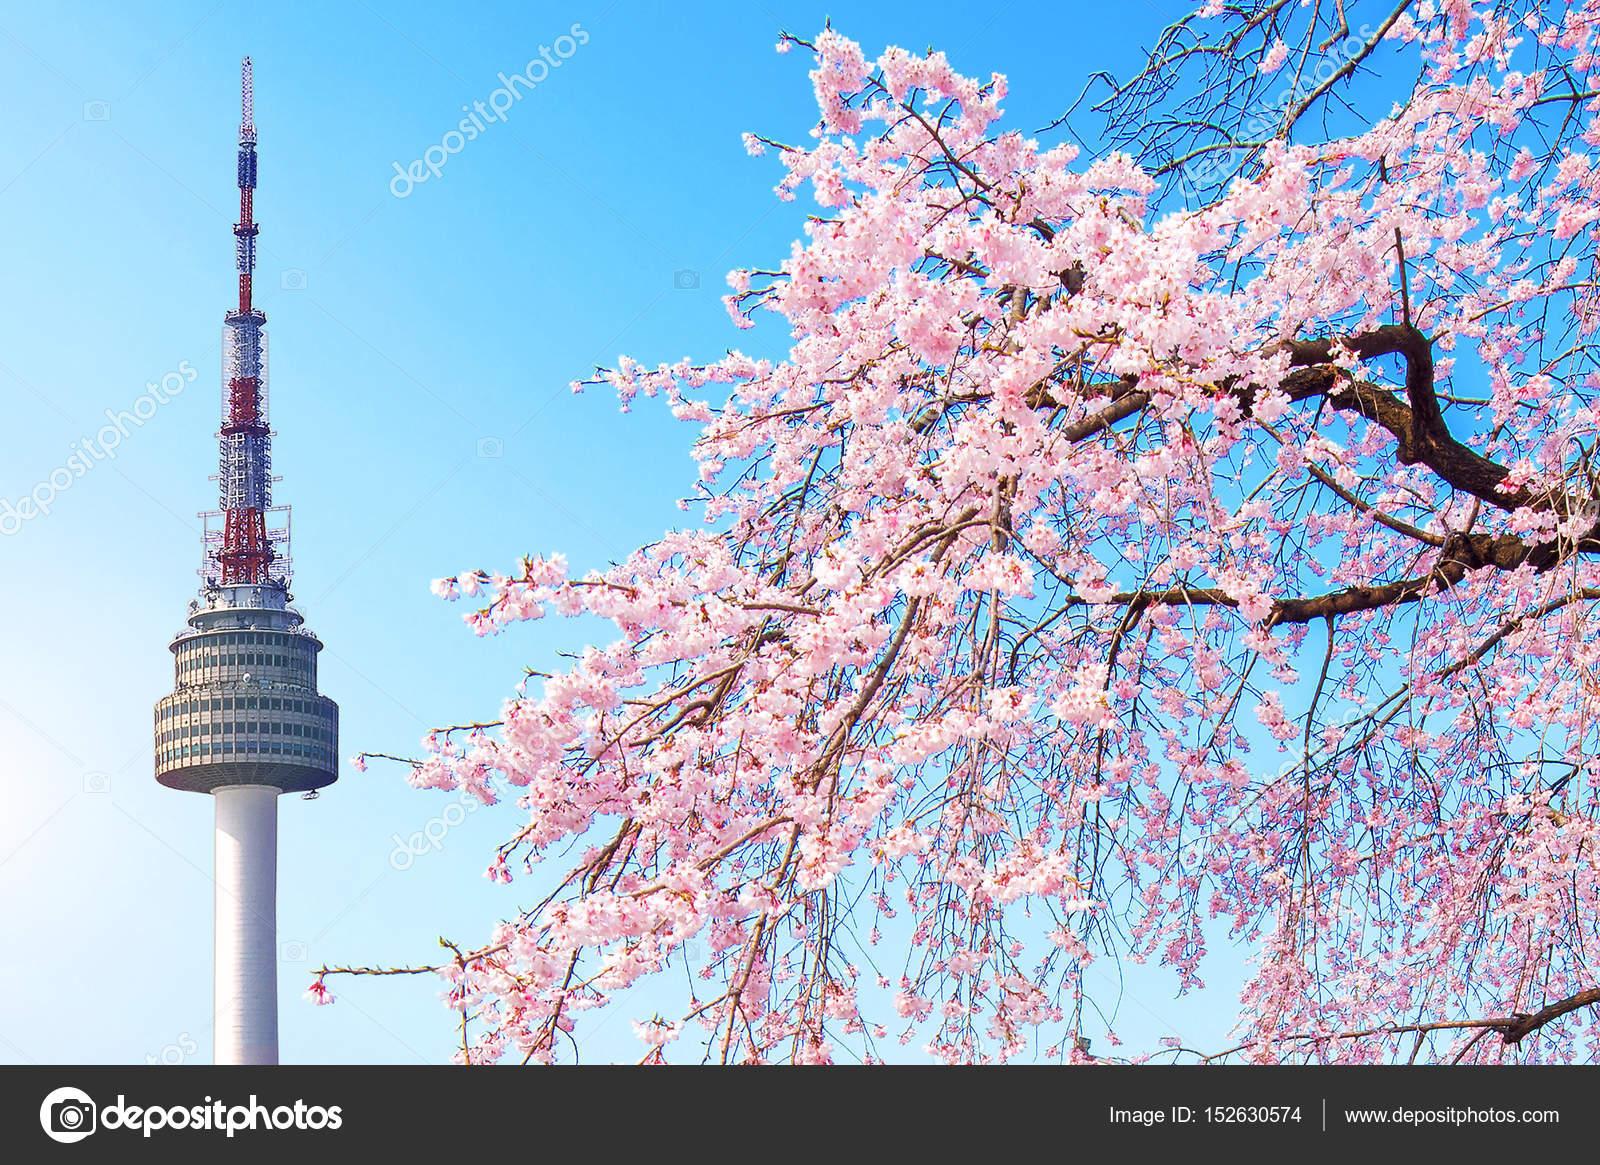 Préférence de Séoul et de fleur de cerisier rose, Sakura saison au printemps  LZ79